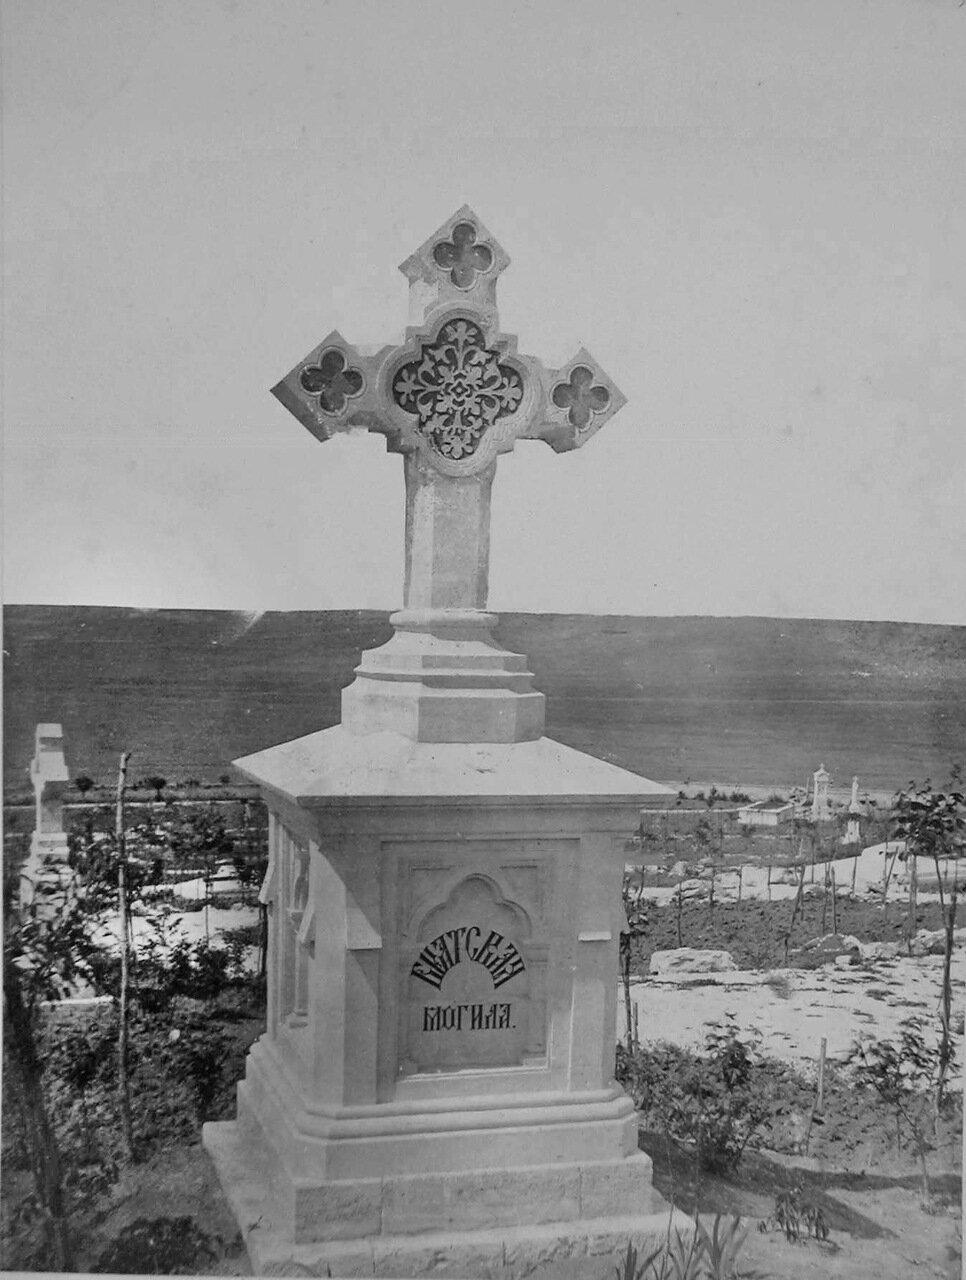 30. Севастополь. Крест на одной из братских могил на Братском кладбище павших воинов, защищавших Севастополь в 1854-55 гг.